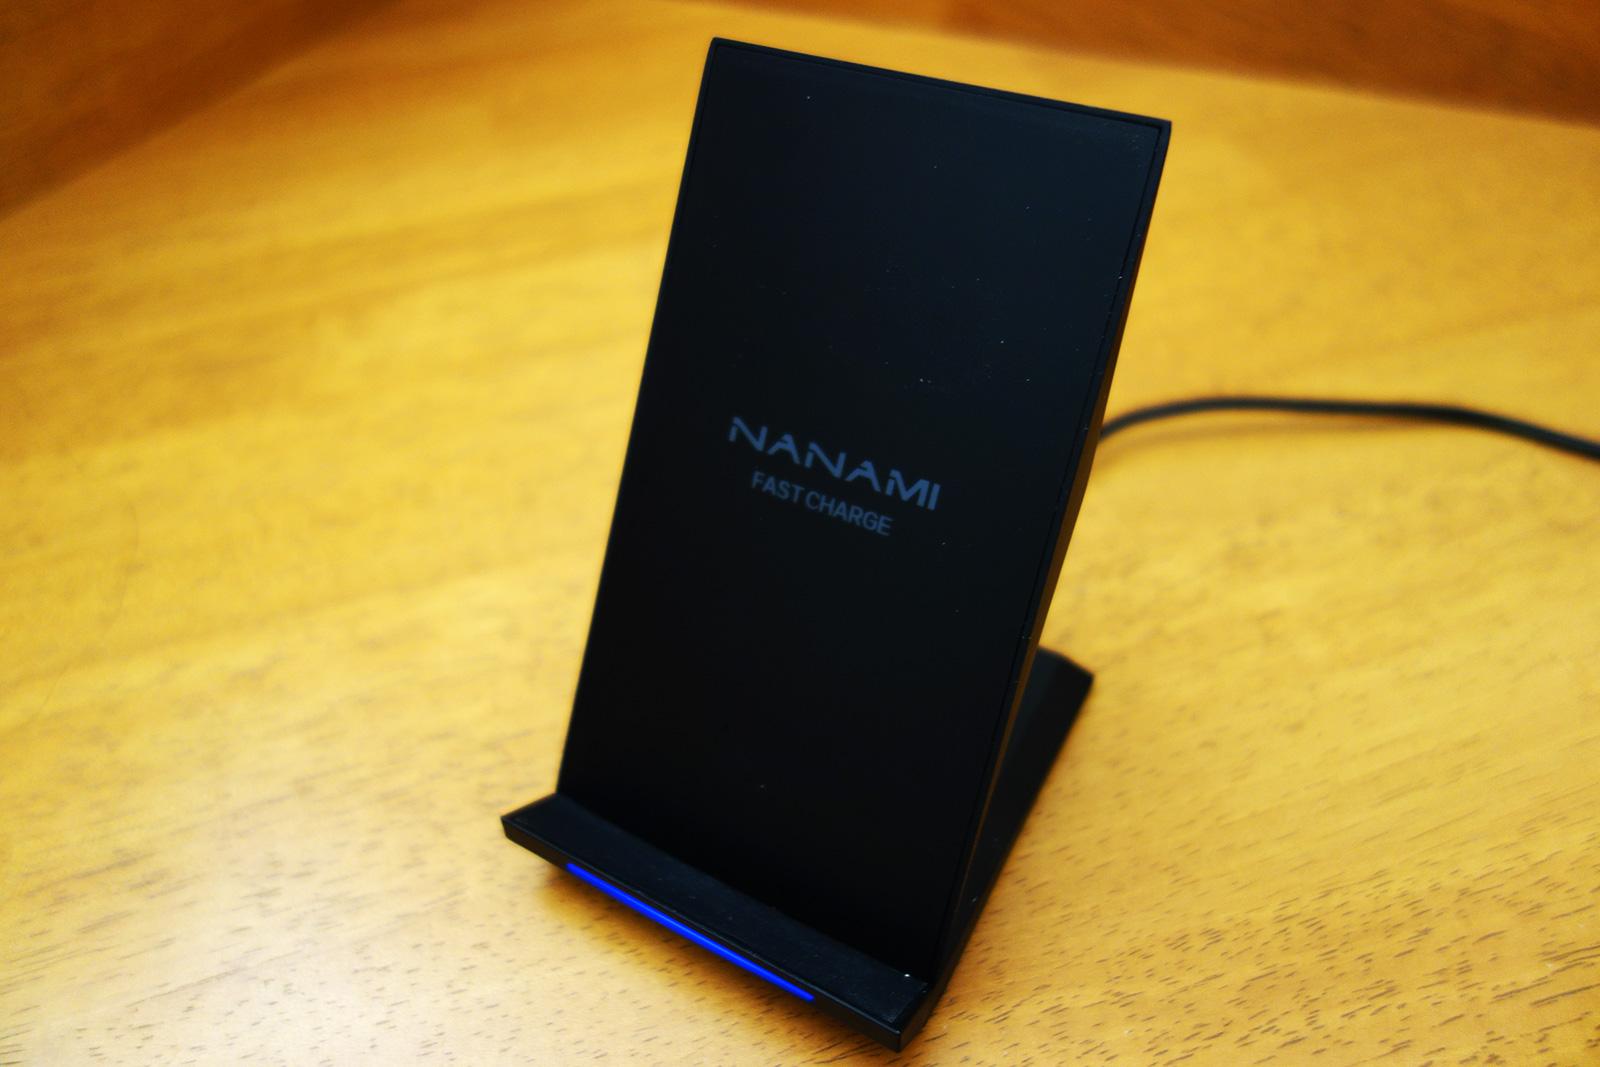 NANAMIワイヤレス充電器